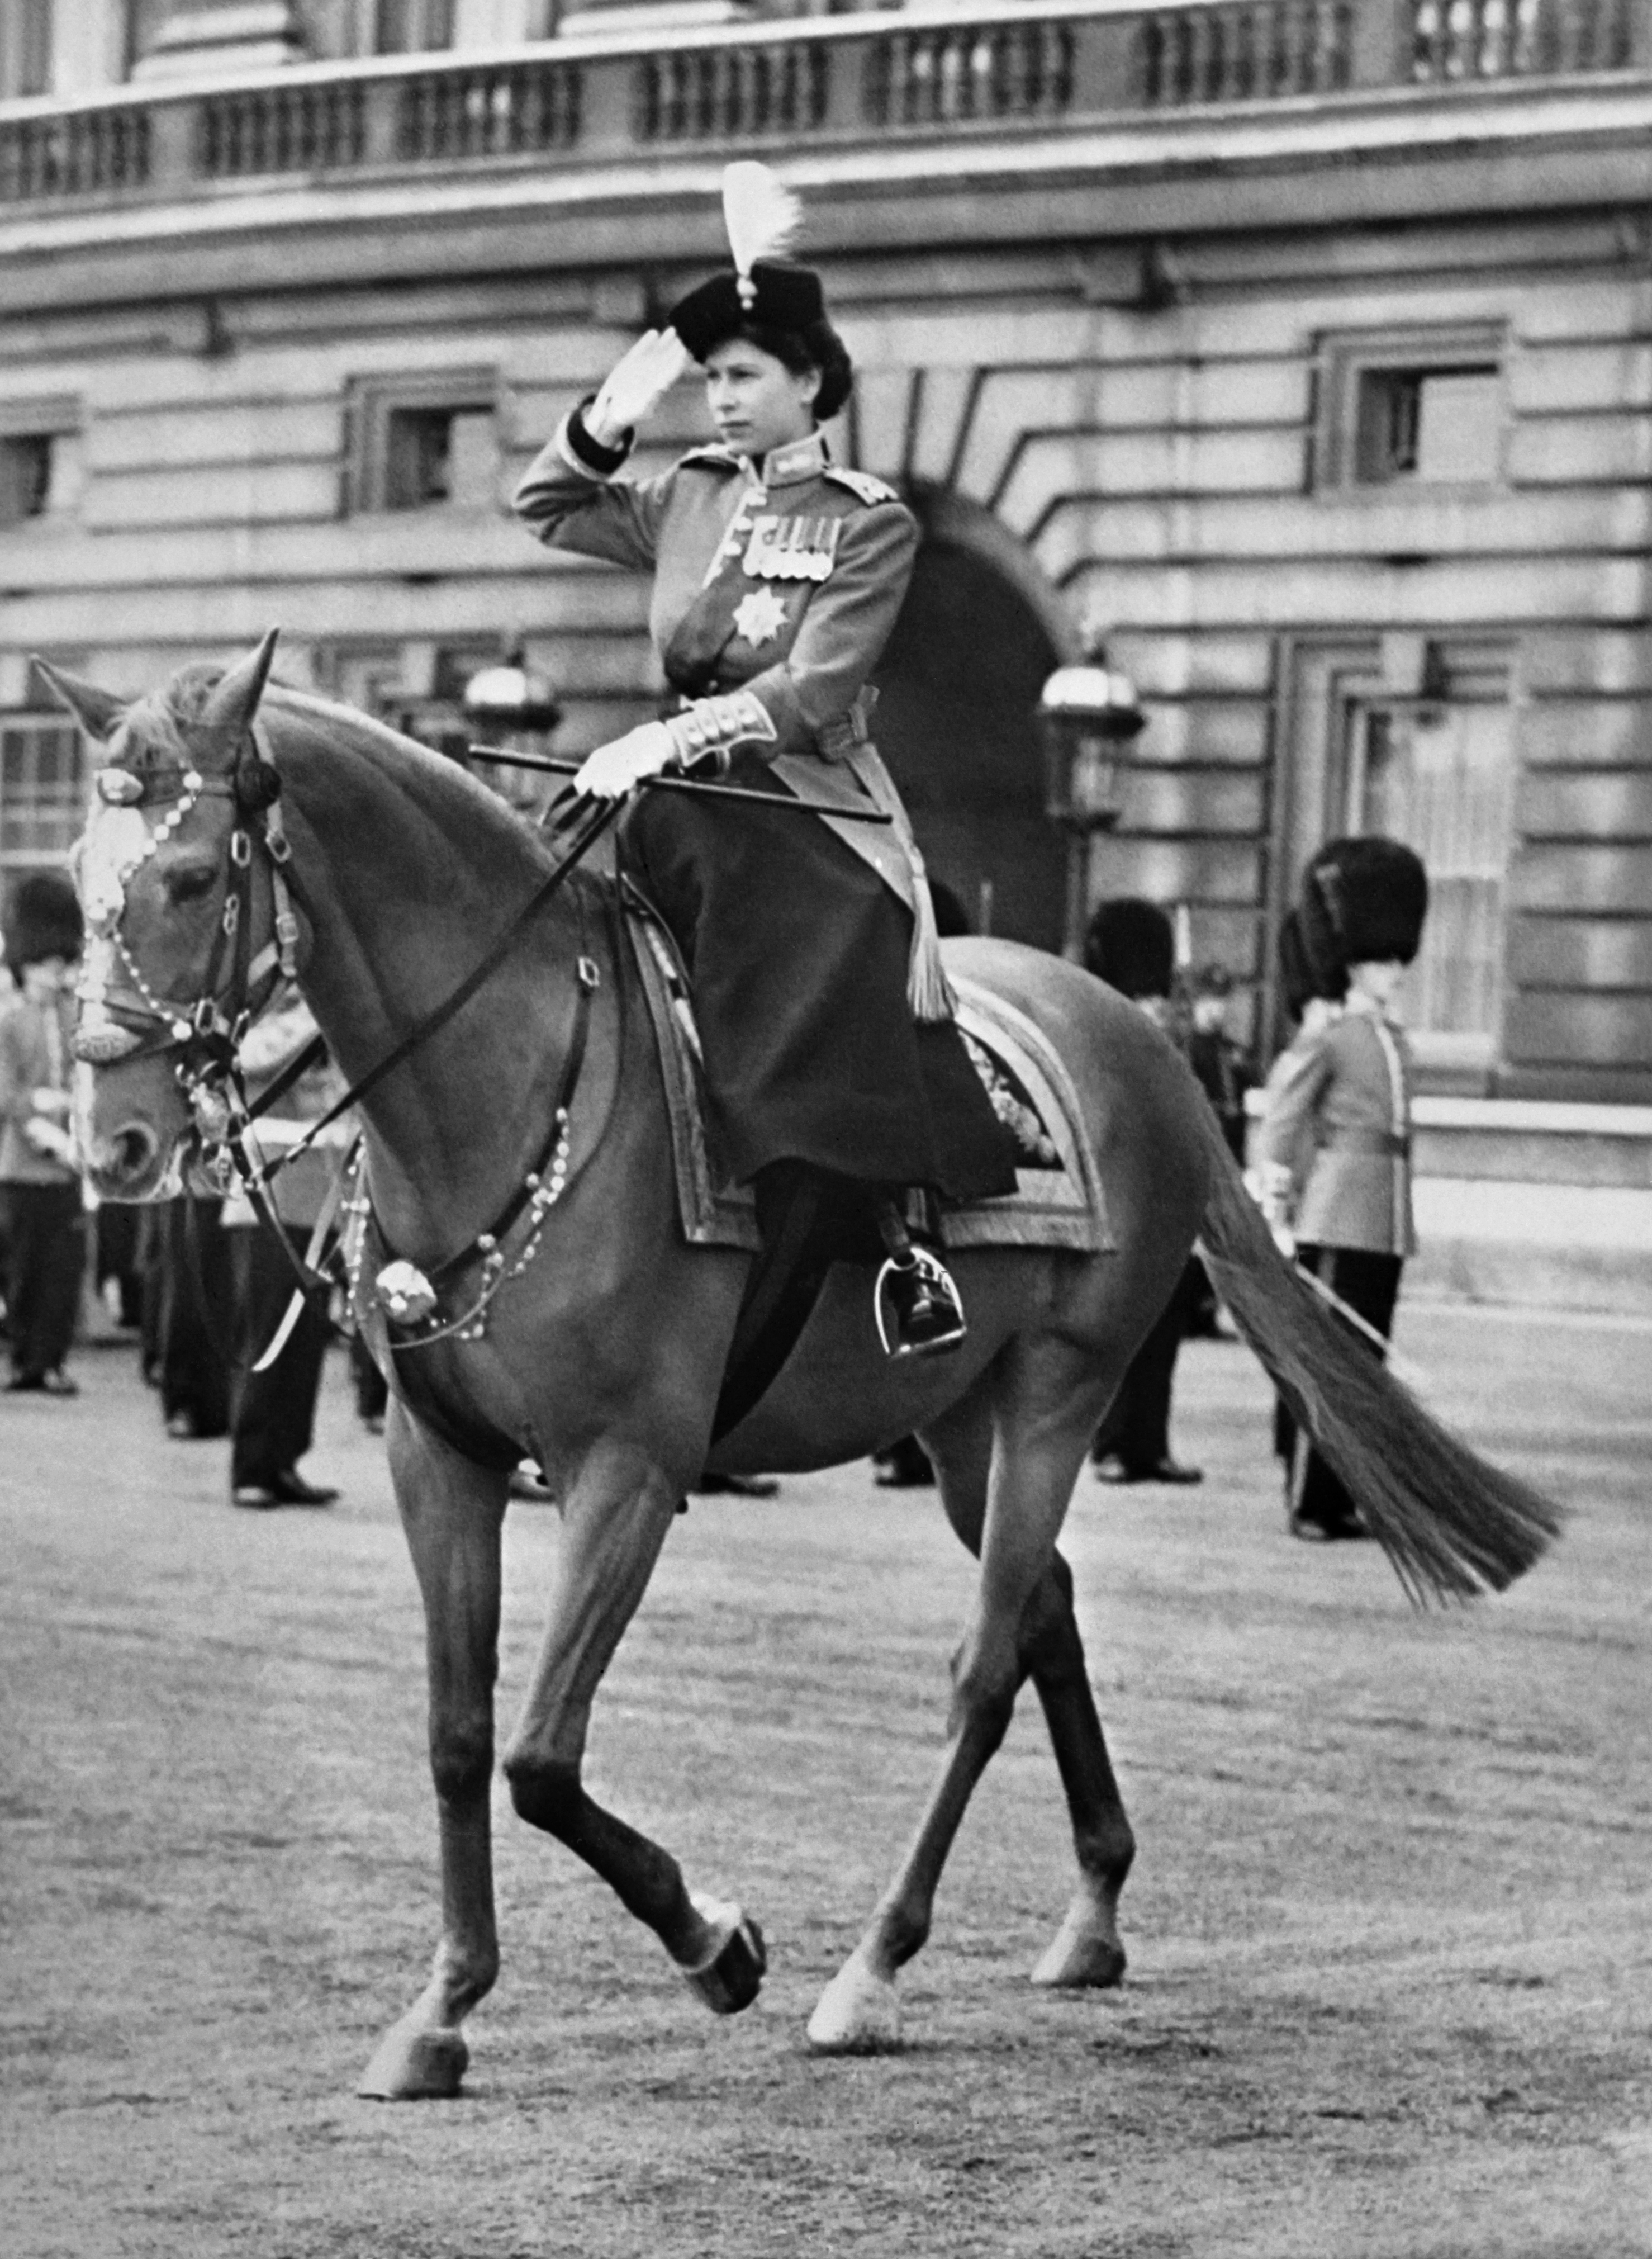 الملكة إليزابيث الثانية في العاصمة لندن عام 1952 وهو العام الذي توجت فيه على العرش البريطاني